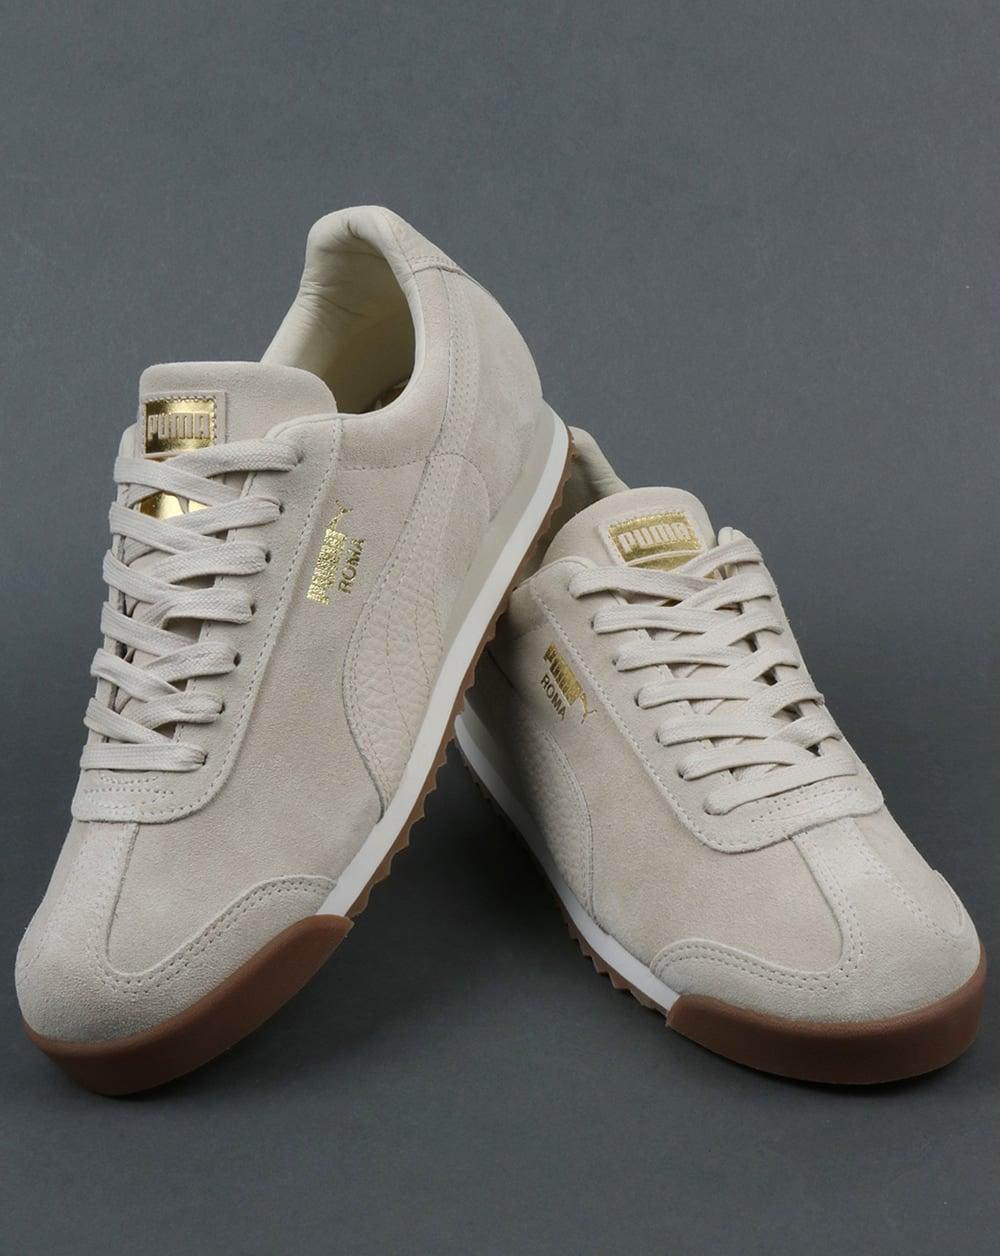 281839c9cc3755 Puma Roma Trainers premium off white